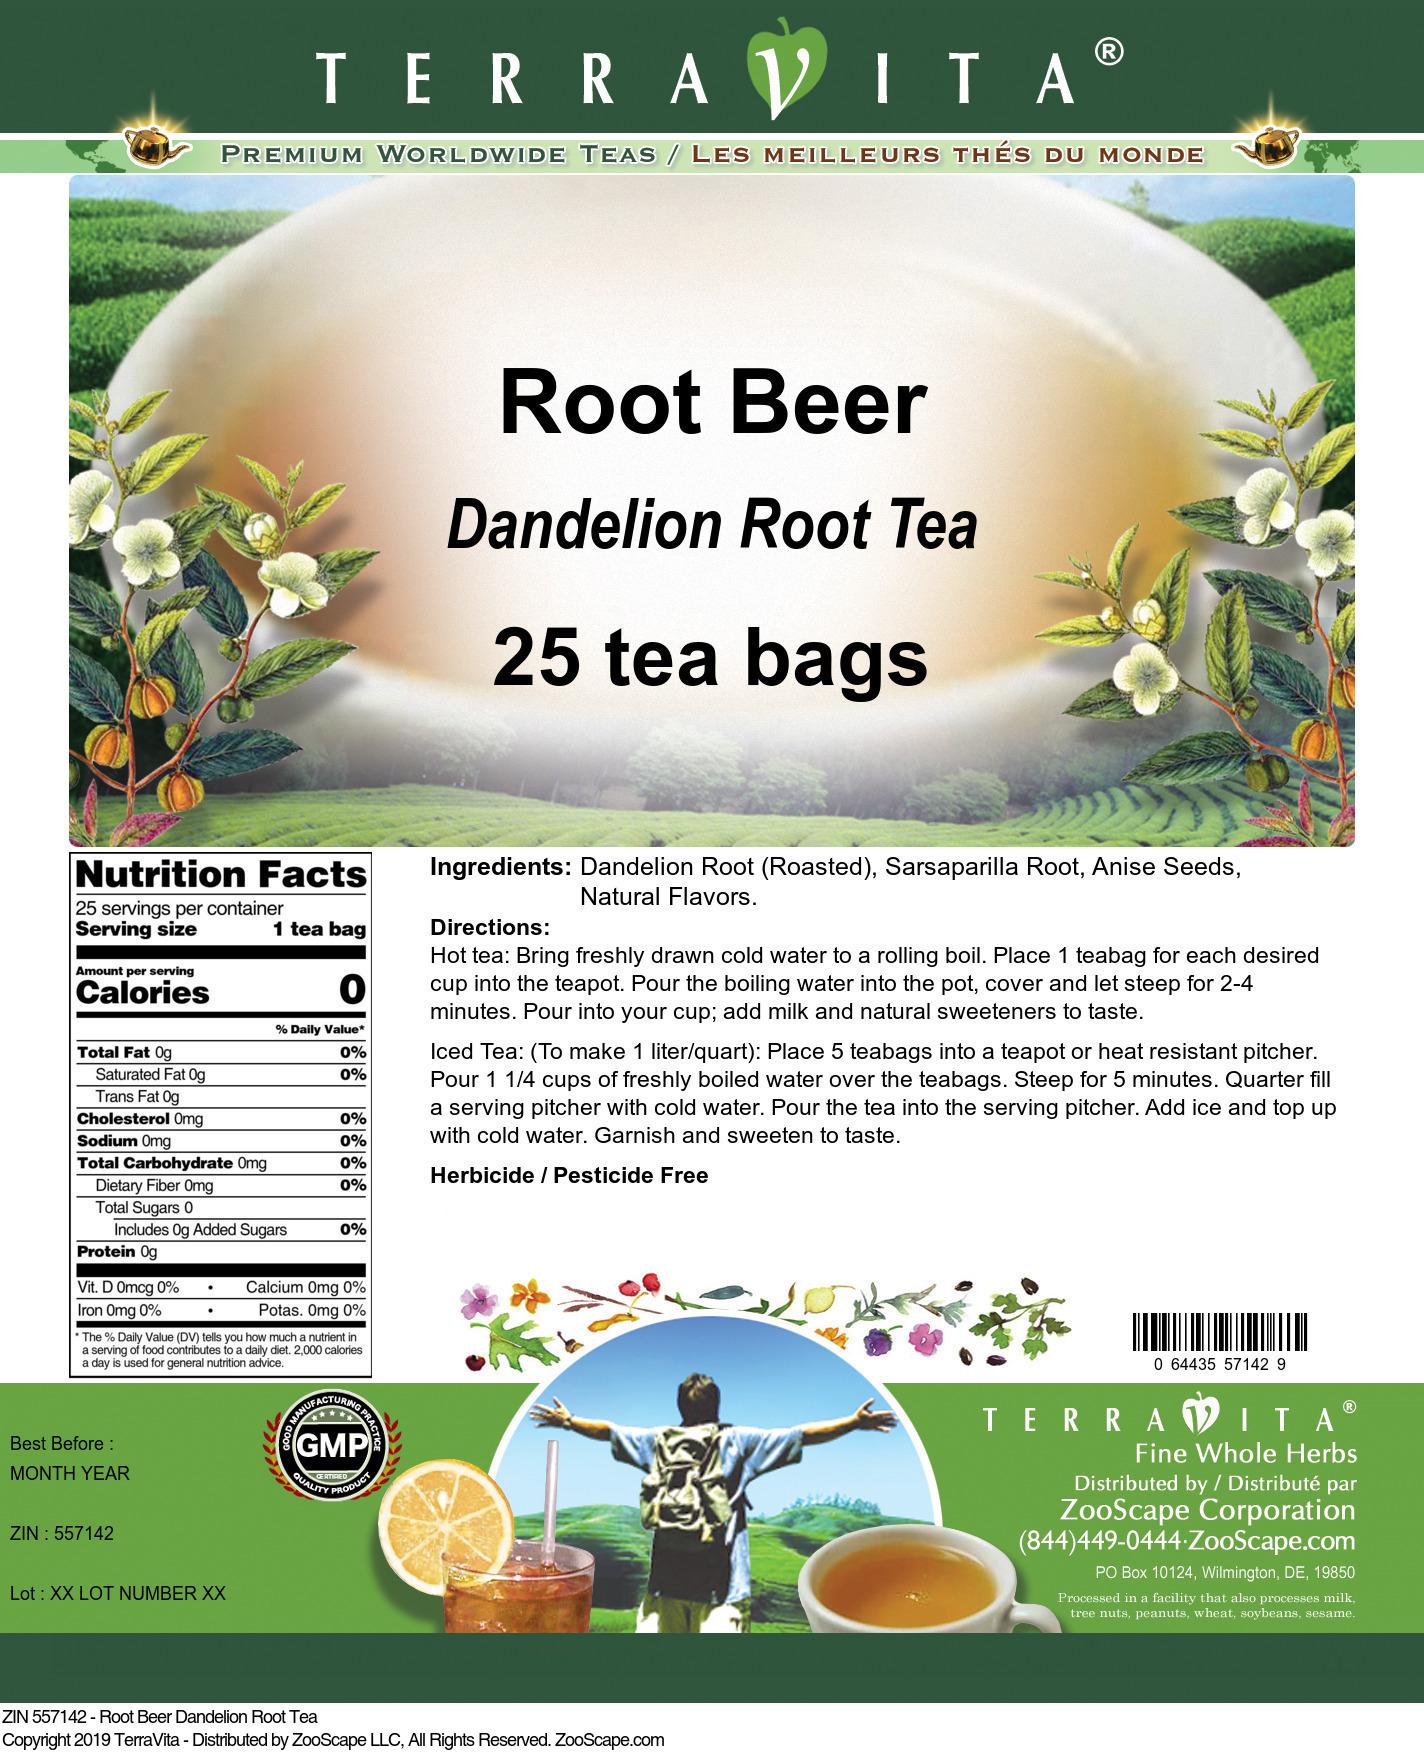 Root Beer Dandelion Root